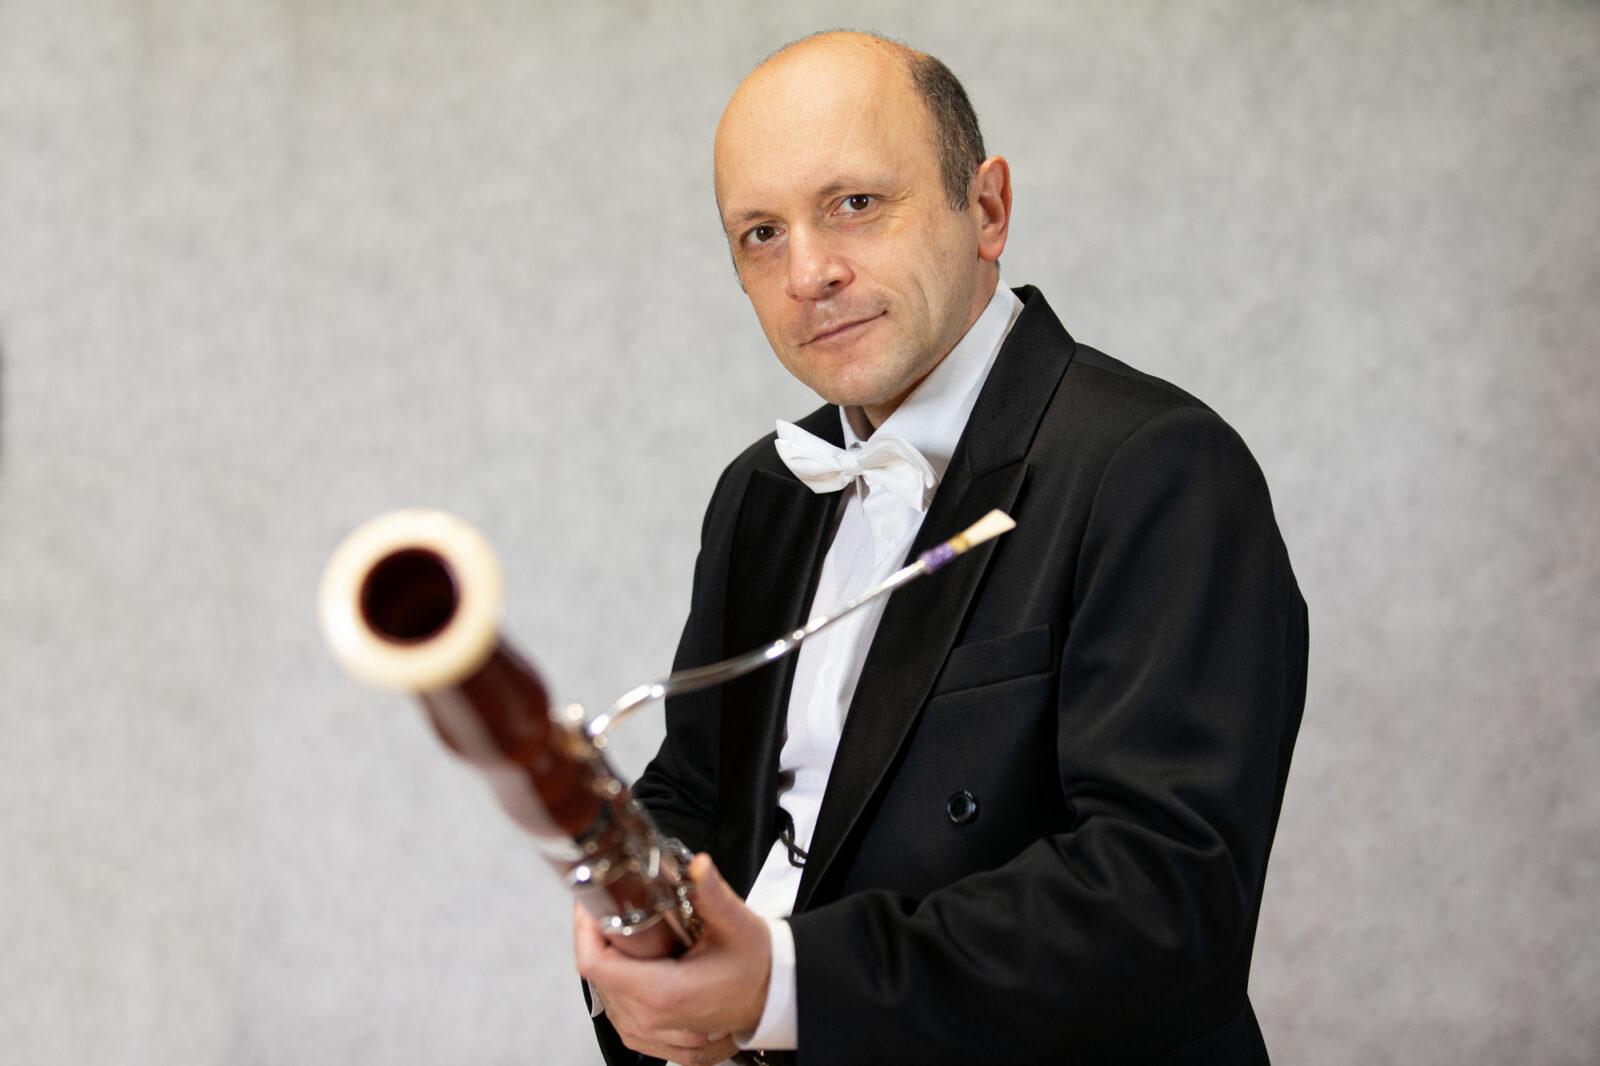 Zdjęcie Grzegorza Barańskiego z fagotem